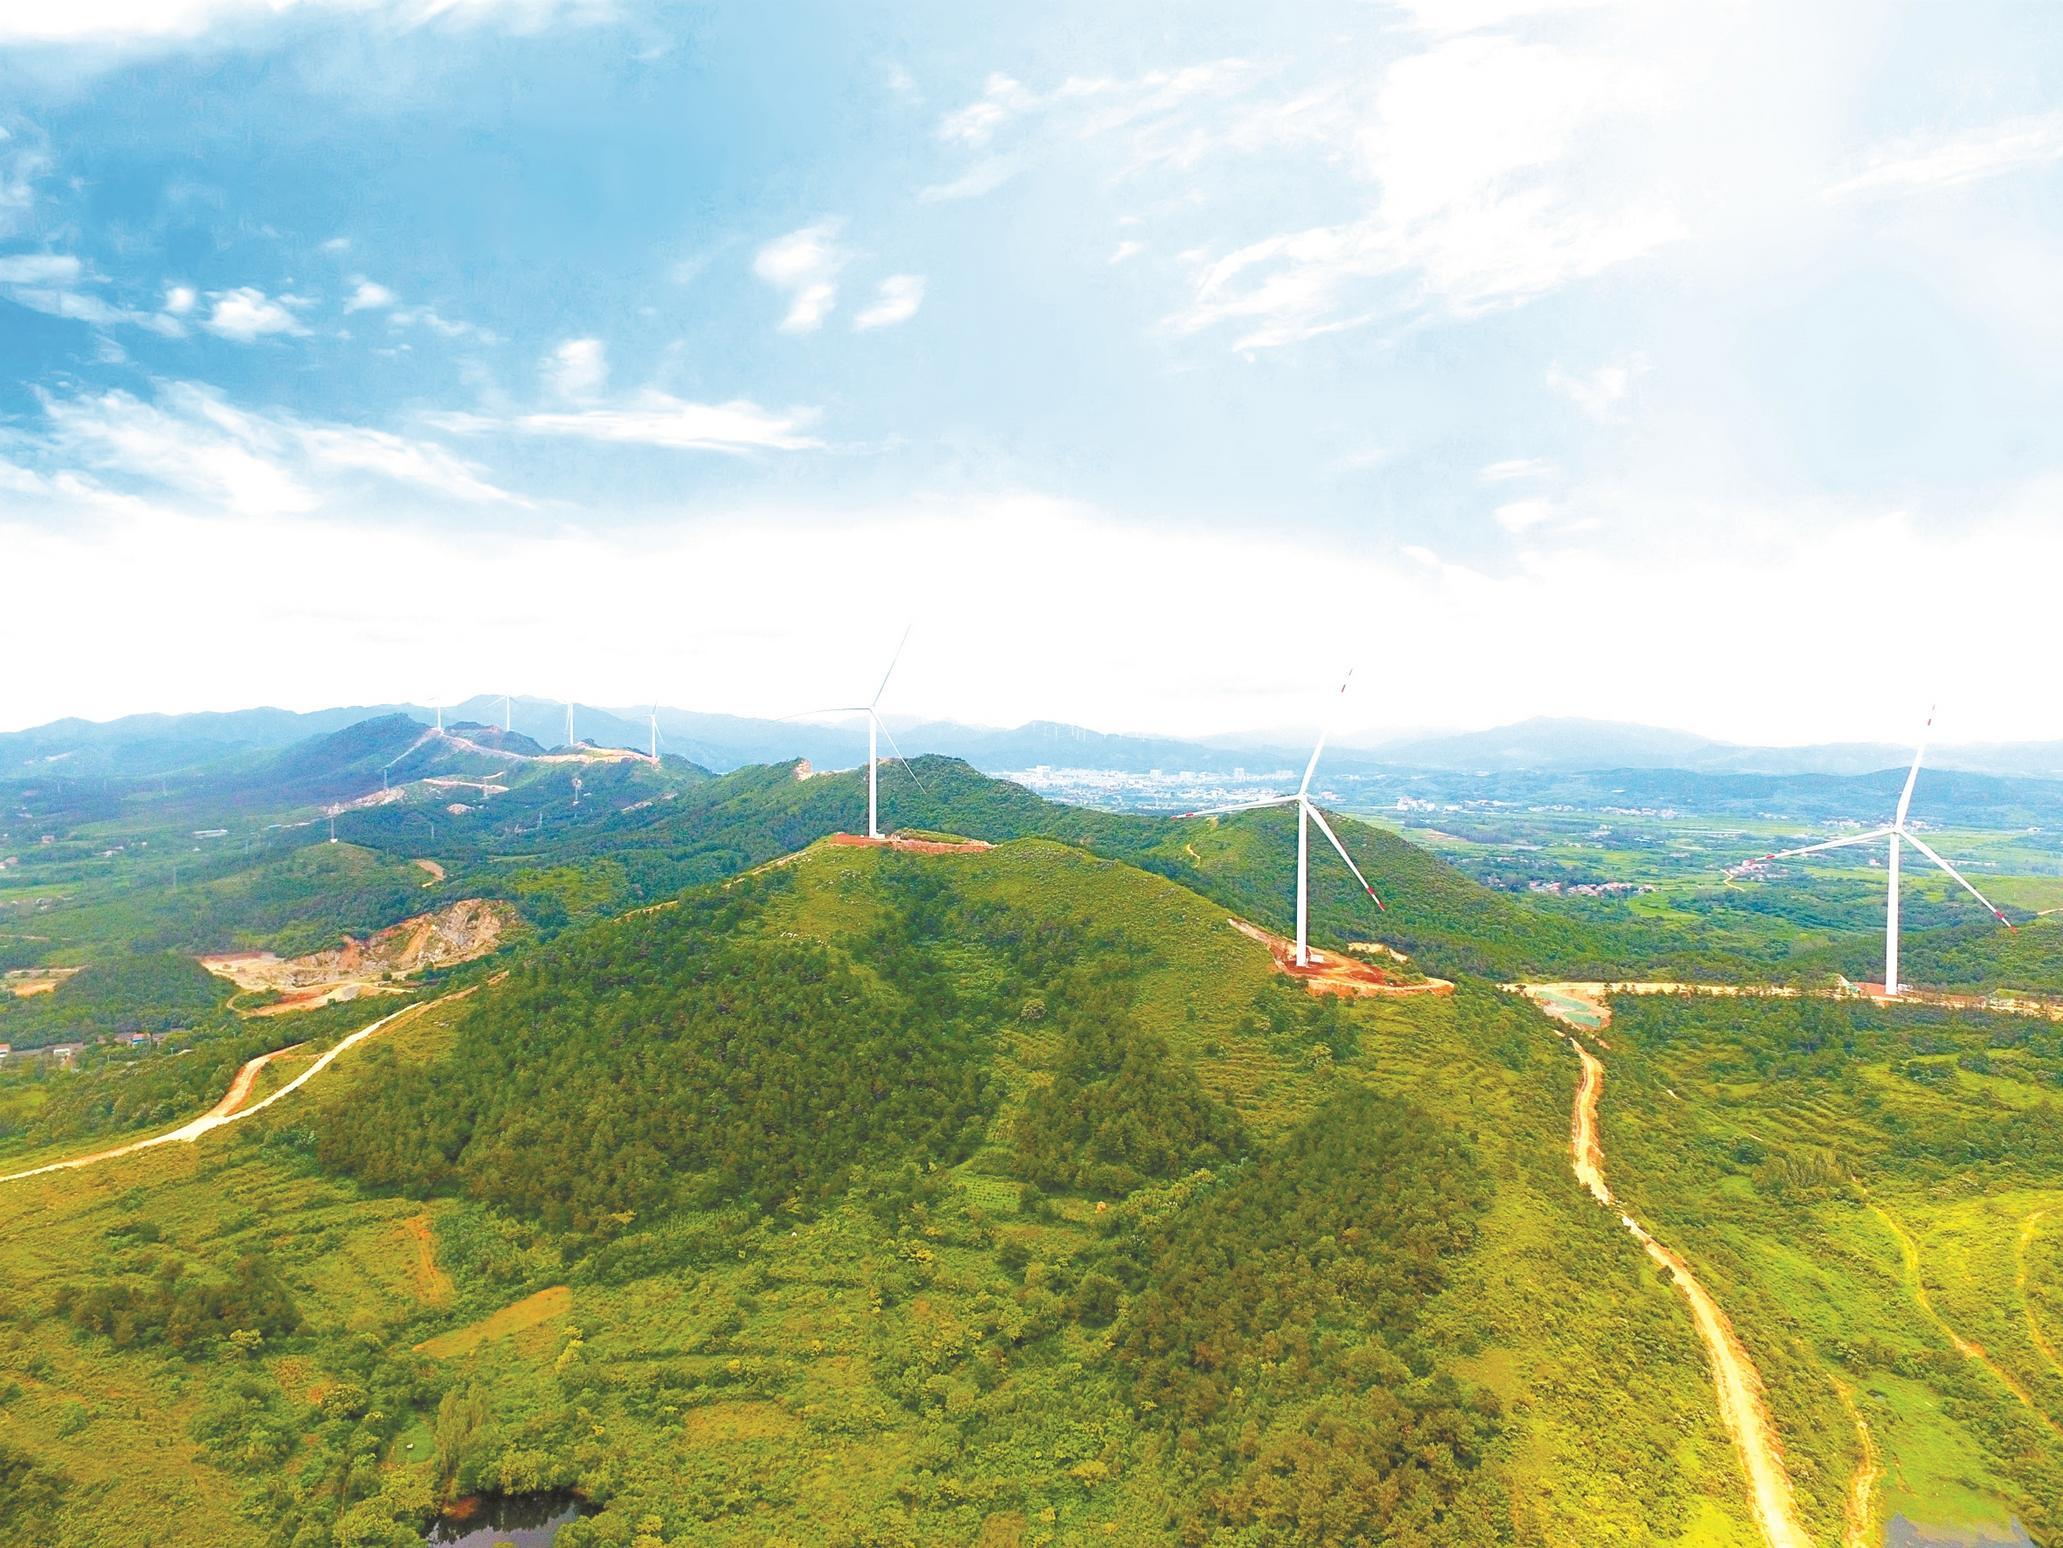 中国电建集团湖北工程公司投资建设湖北省内首个风光一体化发电项目。